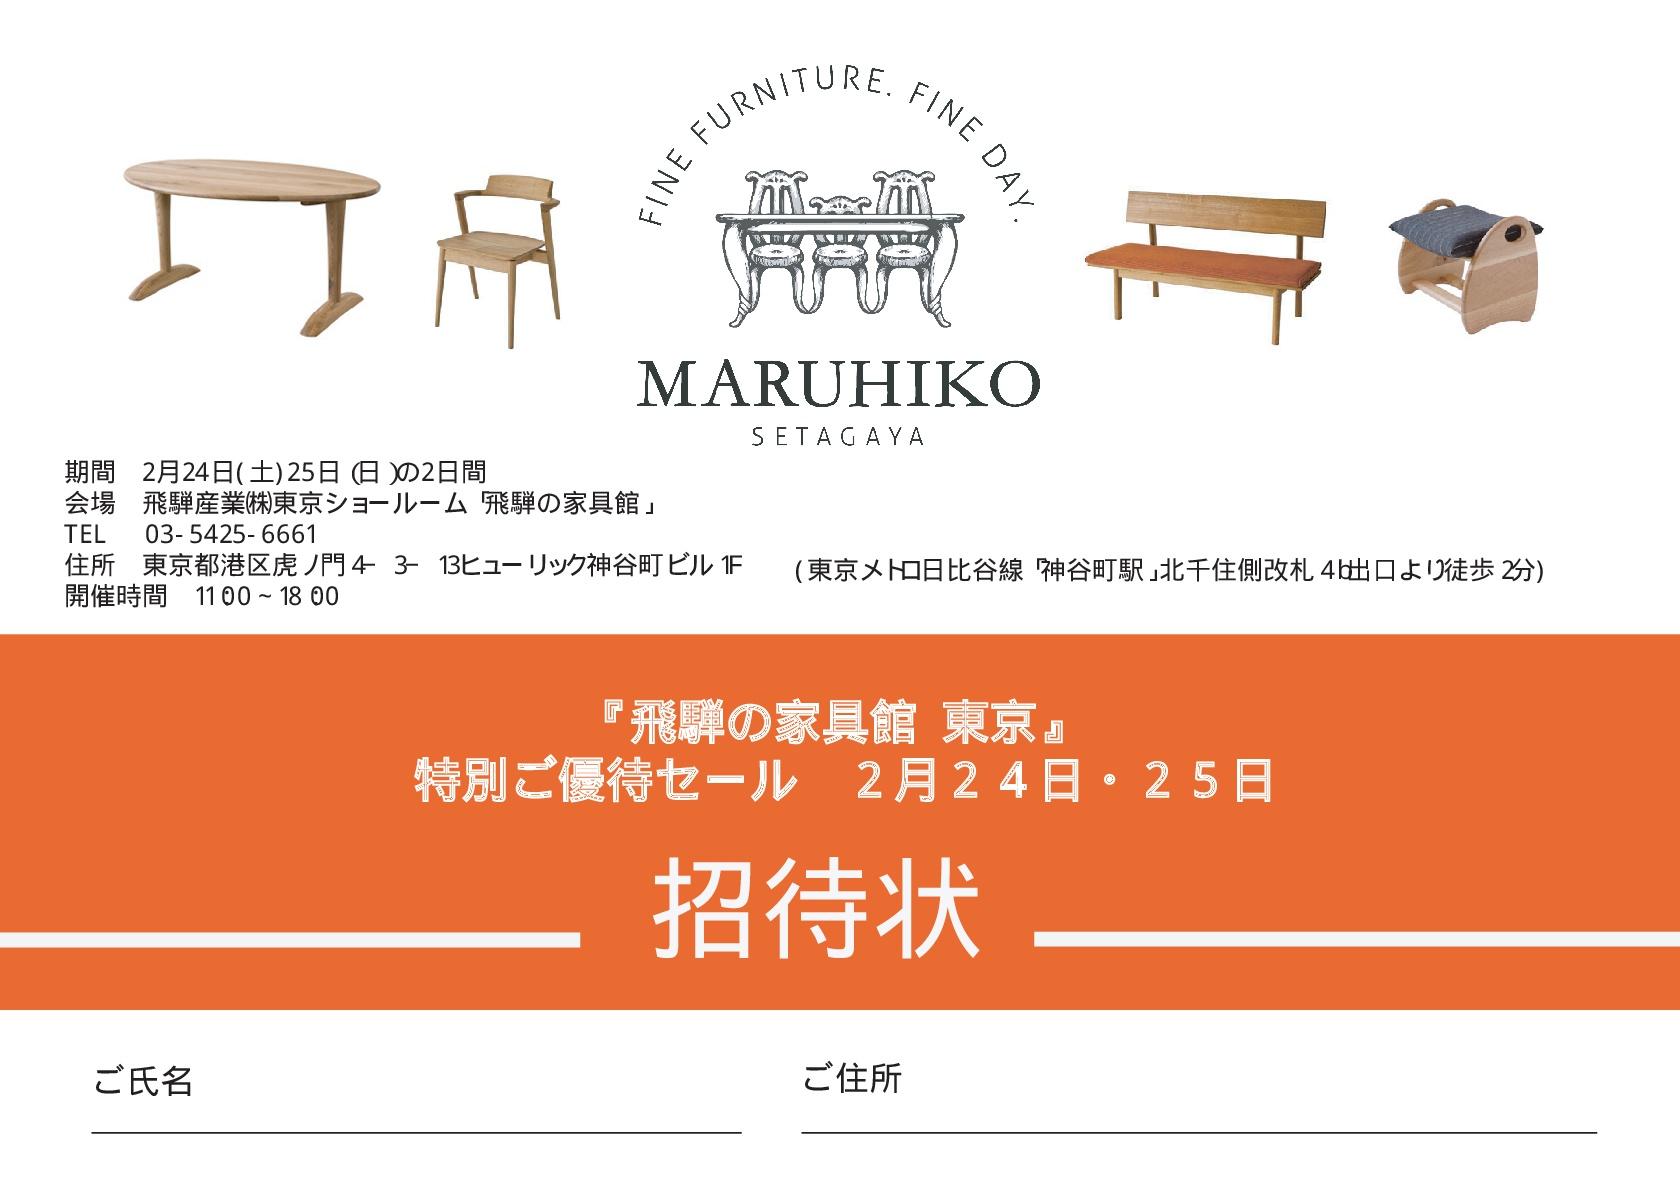 招待状.2pdf-001 (2)